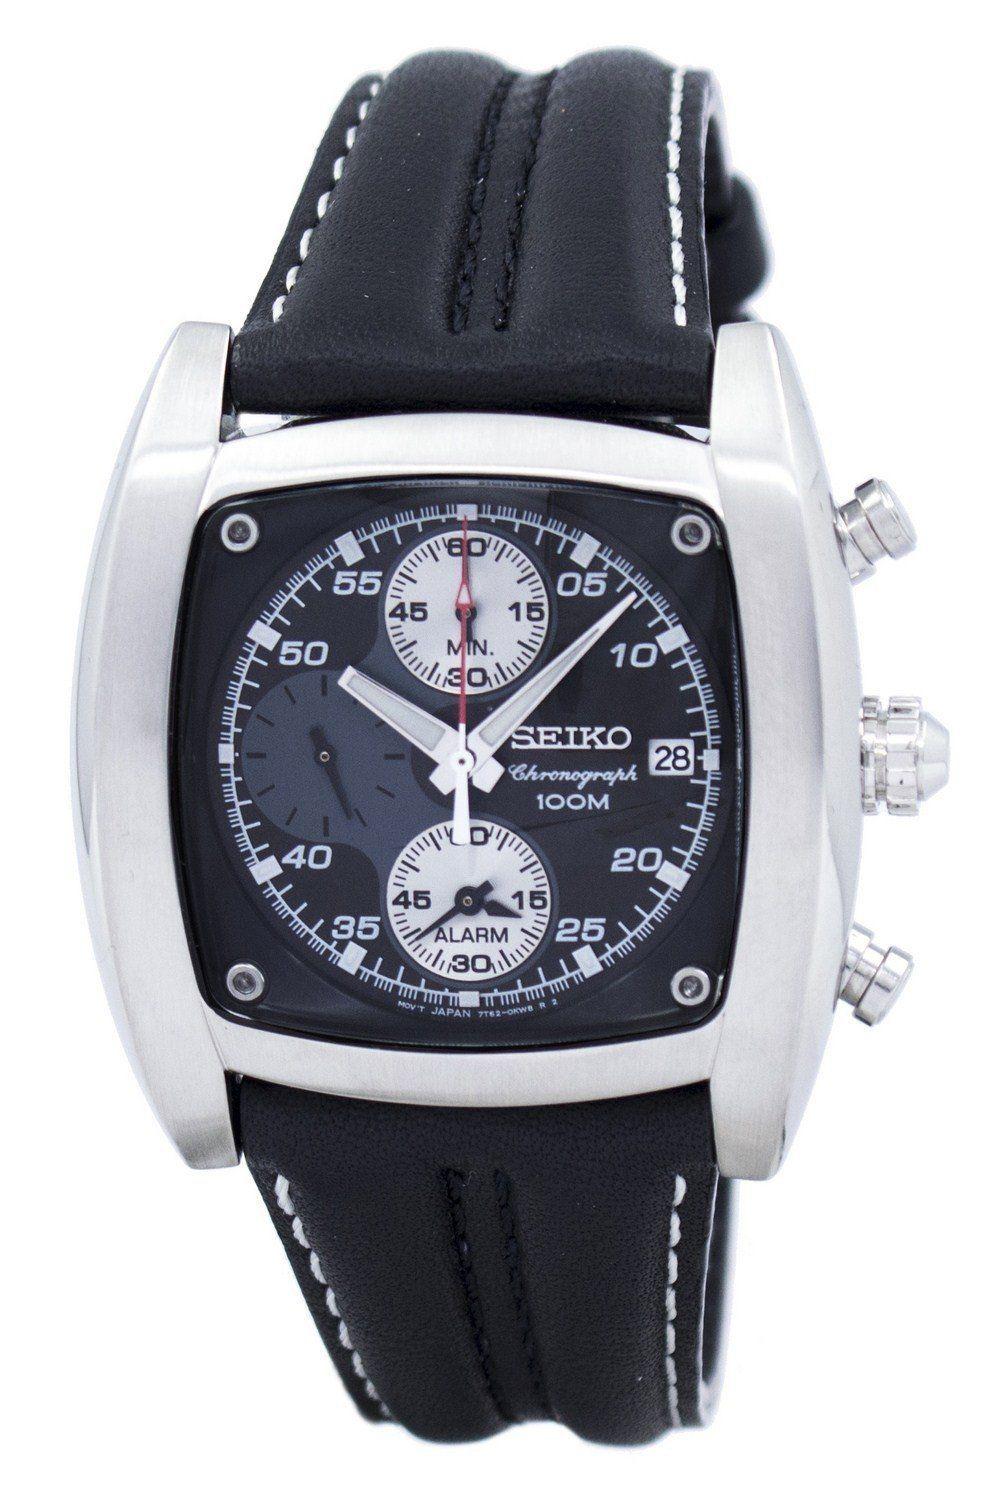 นาฬิกาผู้ชาย Seiko รุ่น SNAB03P1, Chronograph